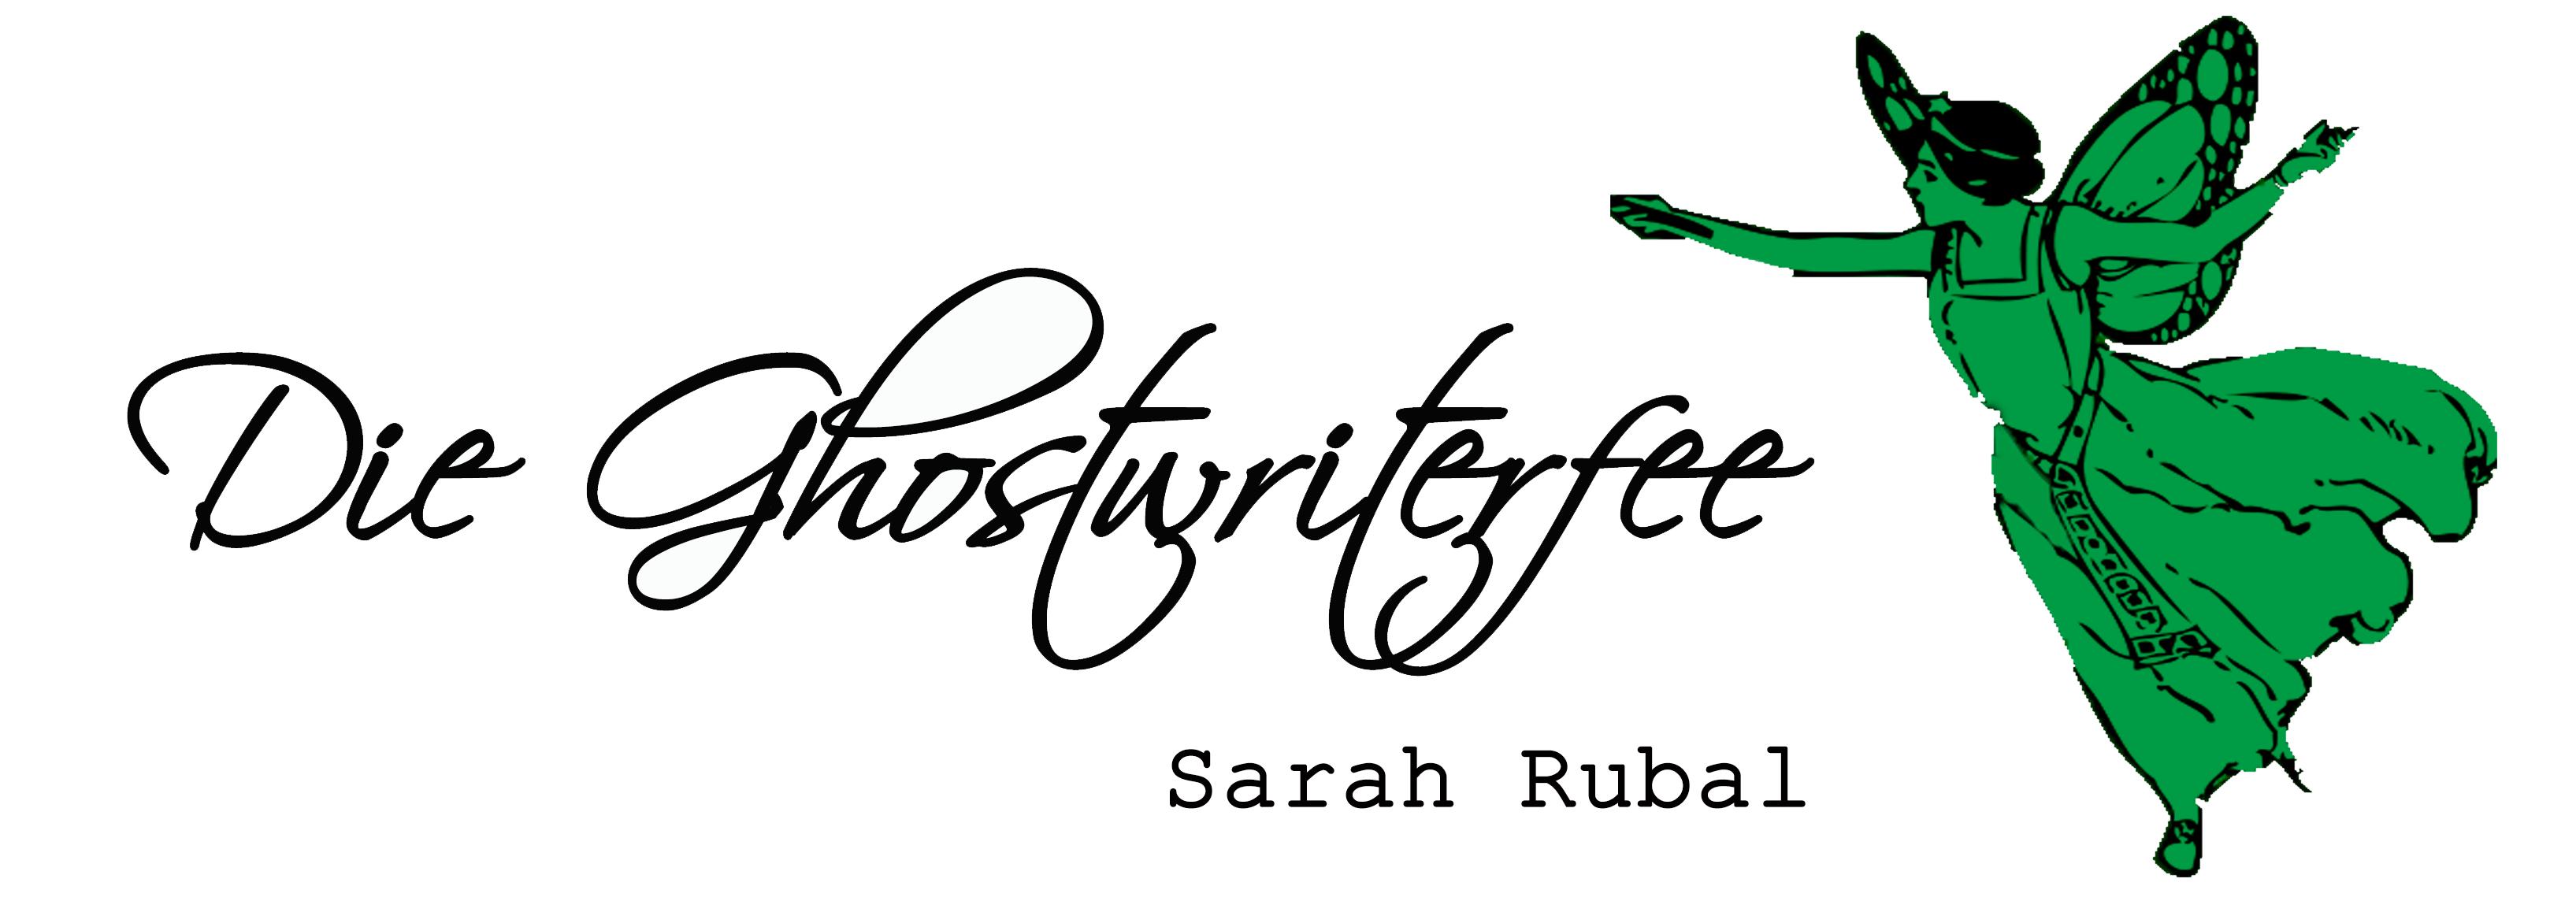 Die Ghostwriterfee Sarah Rubal